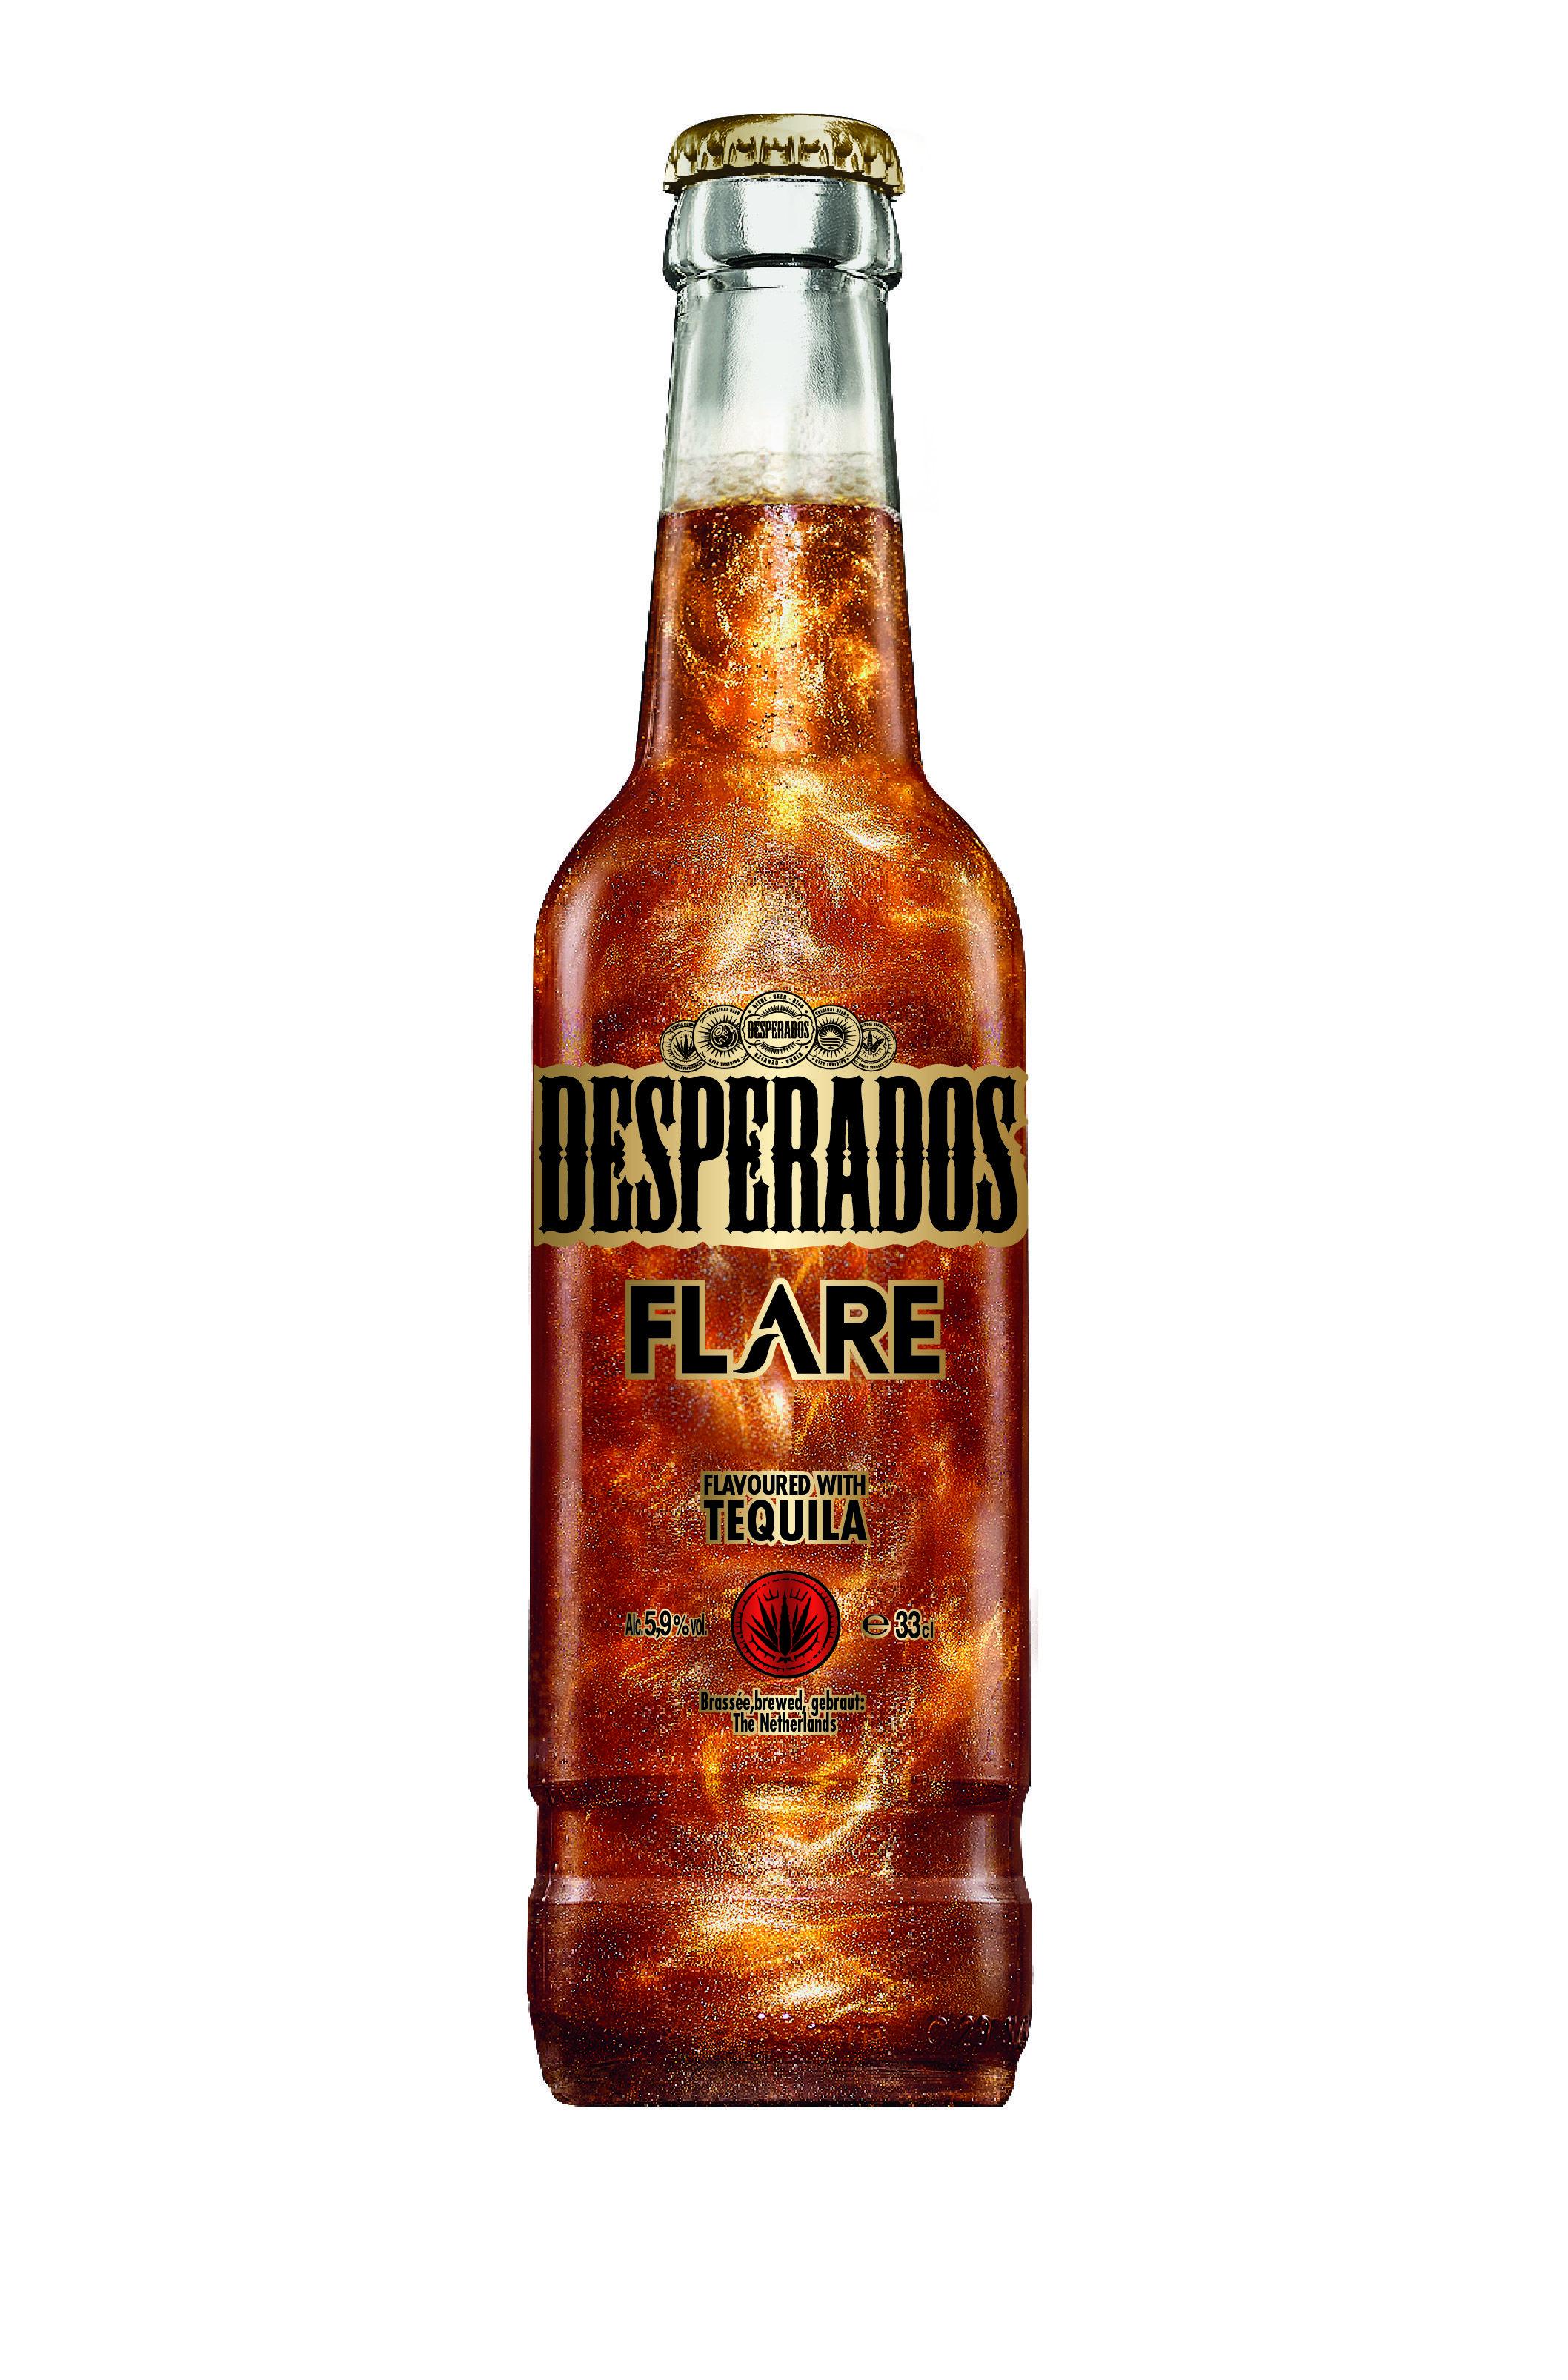 Desperados Flare Brasserie Fischer Heinekein Spirits Bottle Design Corona Beer Bottle Beer